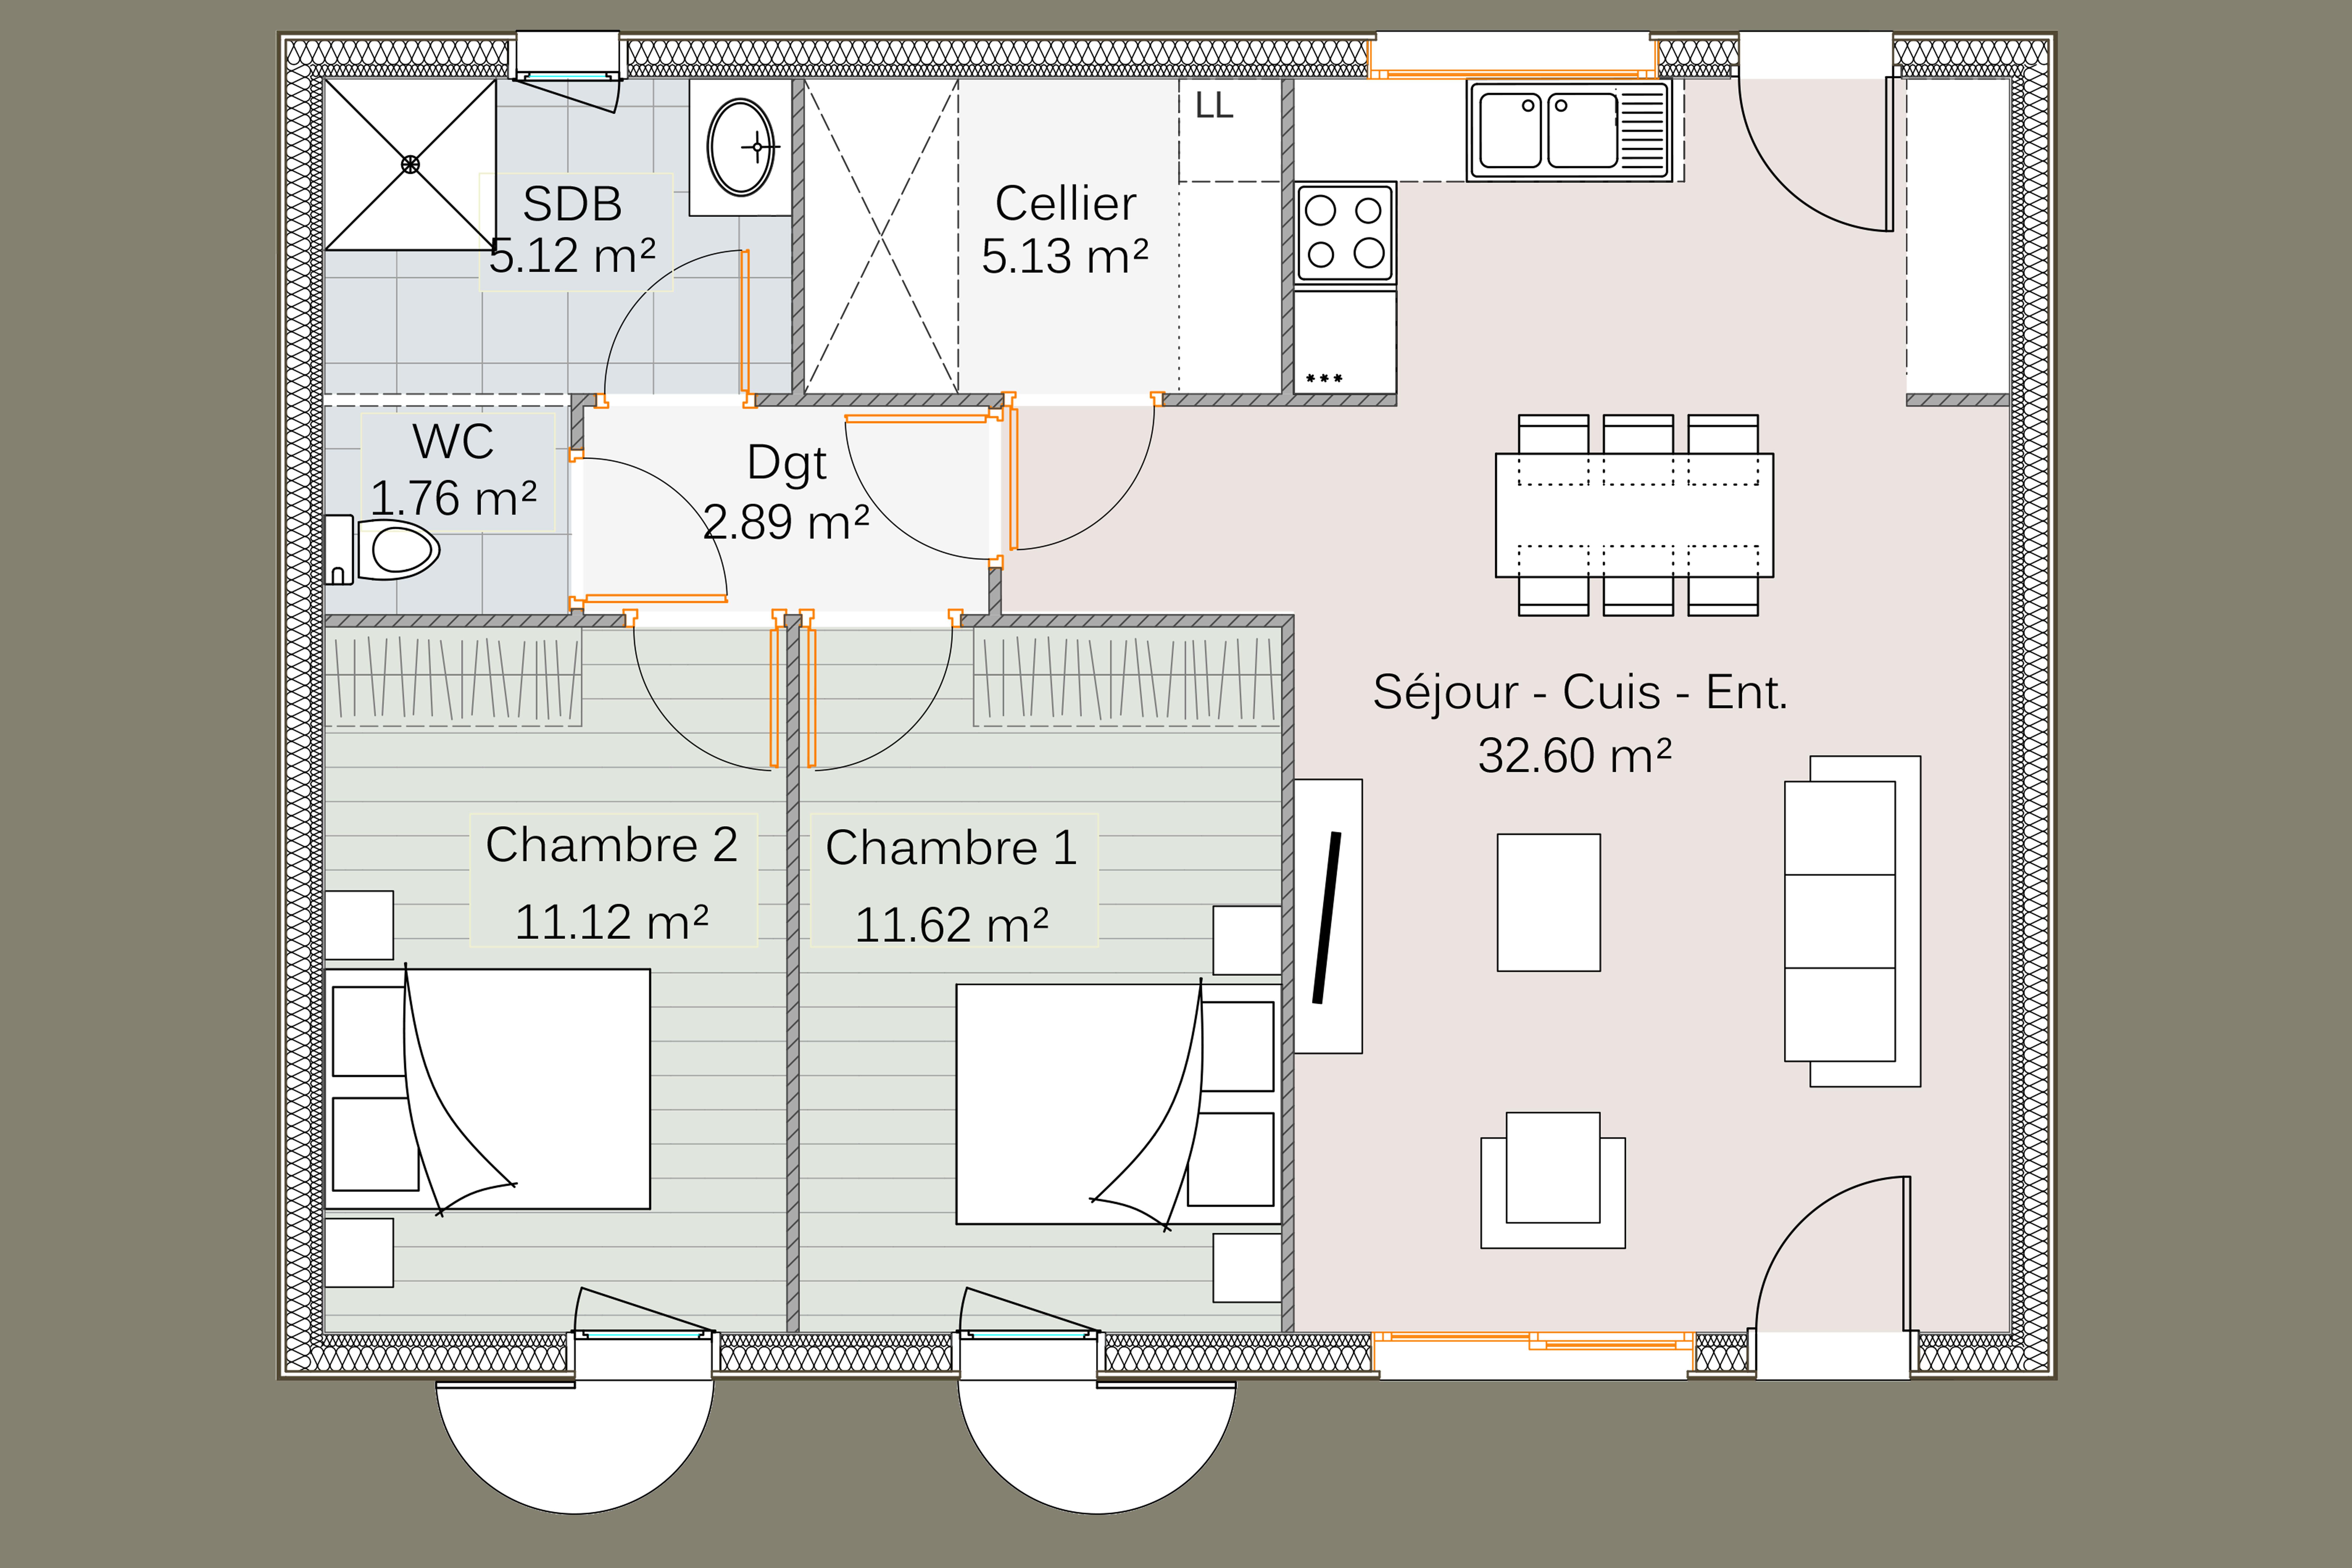 Maison bois 1 3 chambres life delrieu construction bois for Chambre 70 s